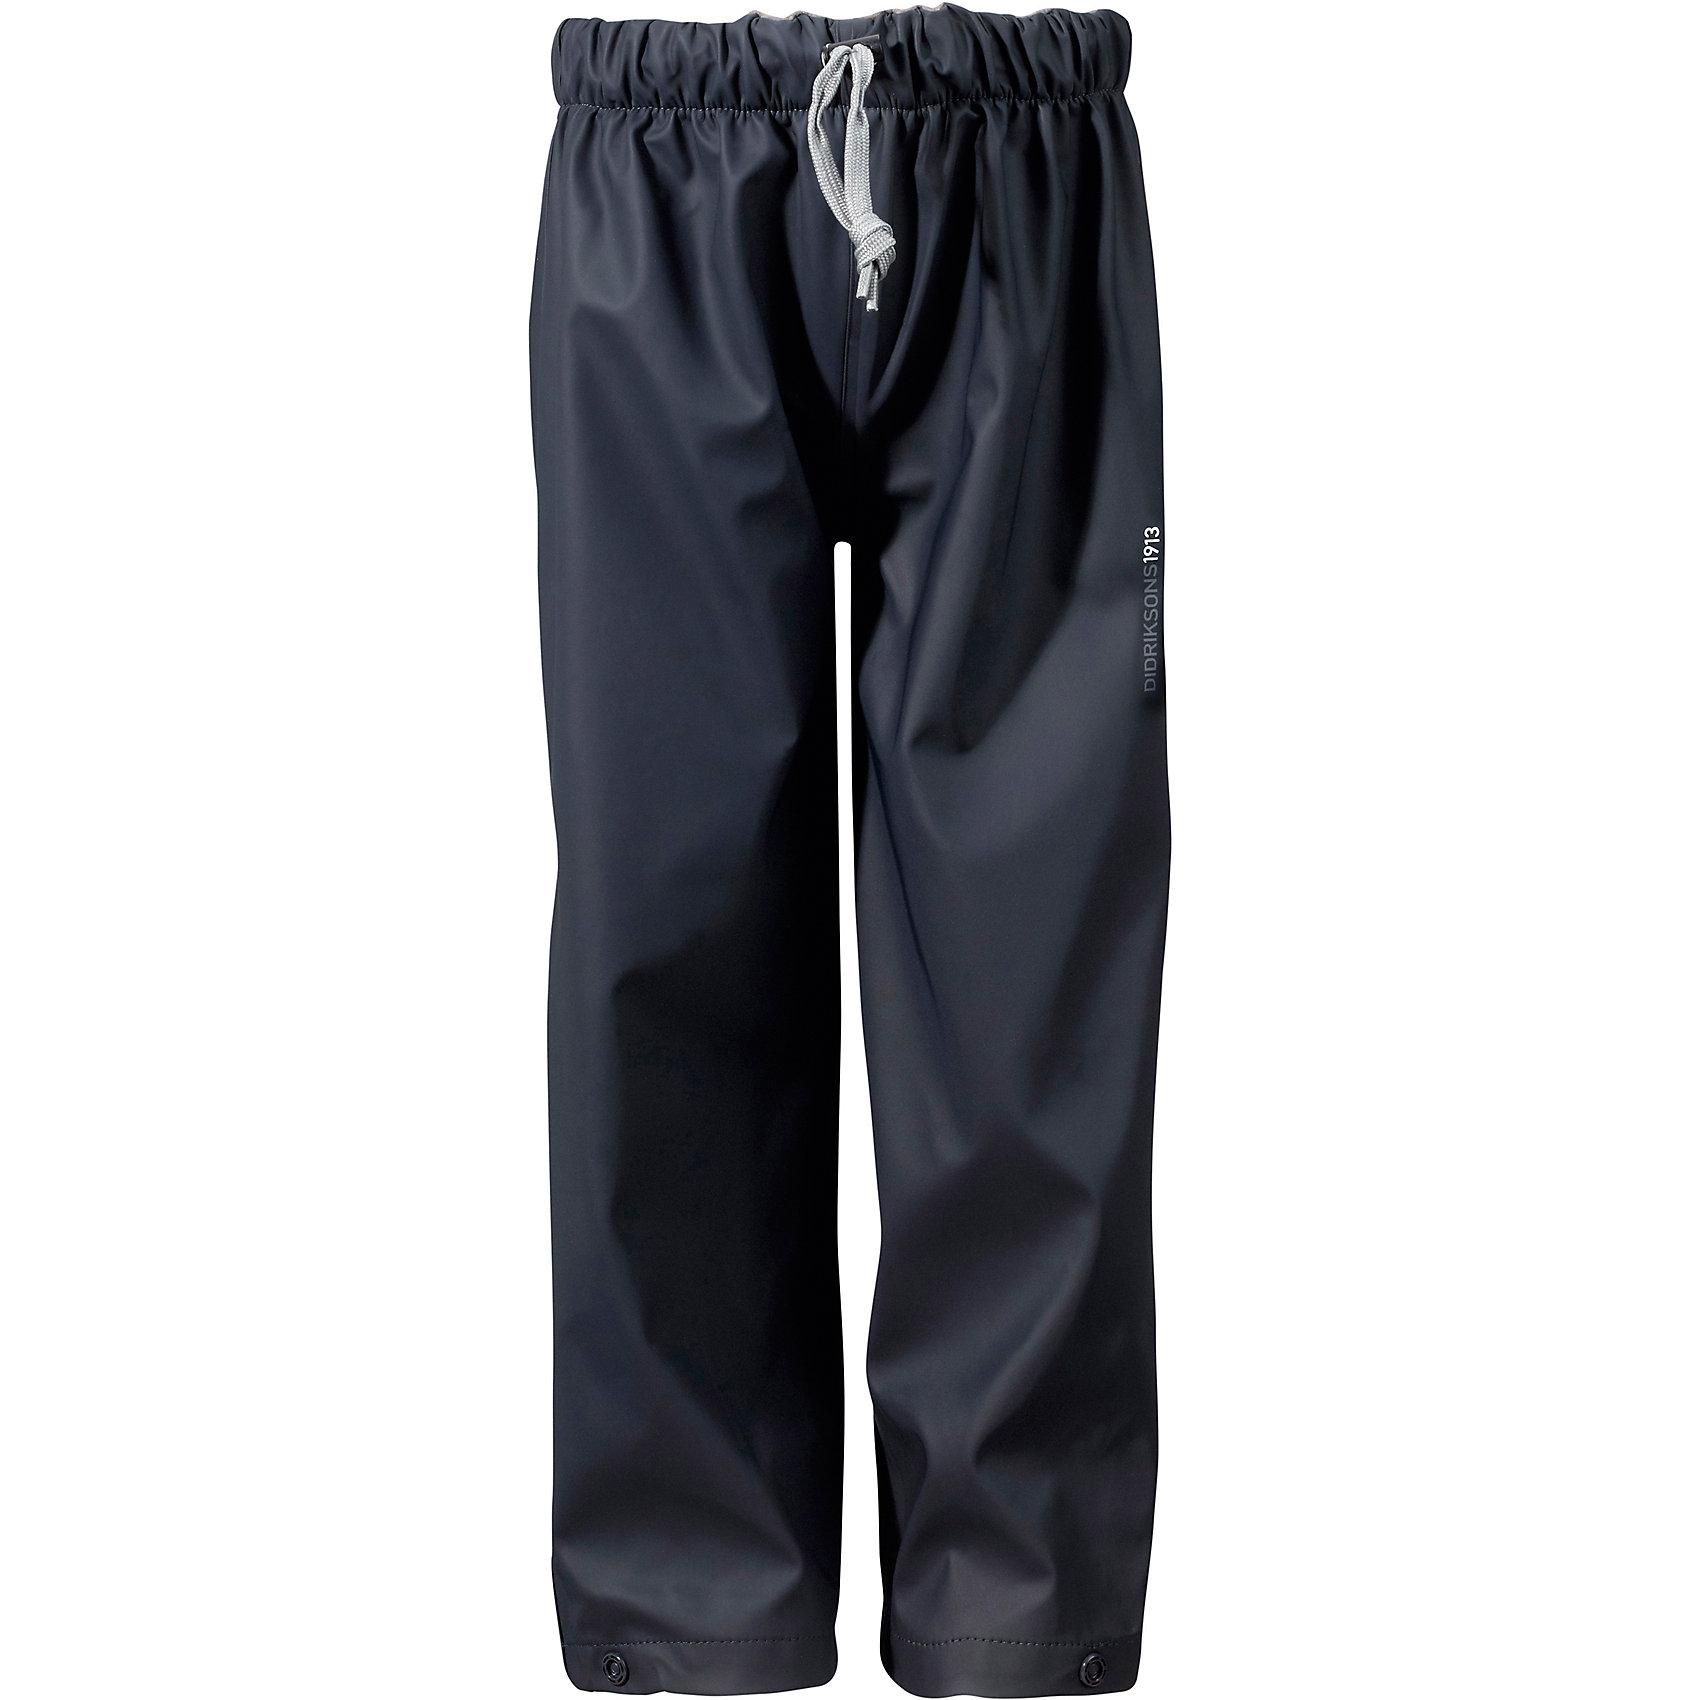 Непромокаемые брюки MIDJEMAN  DIDRIKSONSВерхняя одежда<br>Брюки из водонепроницаемого полиуретана Galon с бондированным трикотажем внутри без утеплителя. Все швы пропаяны, что обеспечивает максимальную защиту от внешней влаги. Светоотражатели. Брюки можно использовать в качестве самостоятельного предмета одежды, а также в качестве защитной одежды.<br>Состав:<br>Верх - 100% полиуретан, подкладка - 100% полиэстер<br><br>Ширина мм: 215<br>Глубина мм: 88<br>Высота мм: 191<br>Вес г: 336<br>Цвет: синий<br>Возраст от месяцев: 18<br>Возраст до месяцев: 24<br>Пол: Унисекс<br>Возраст: Детский<br>Размер: 90,80,100<br>SKU: 5527320